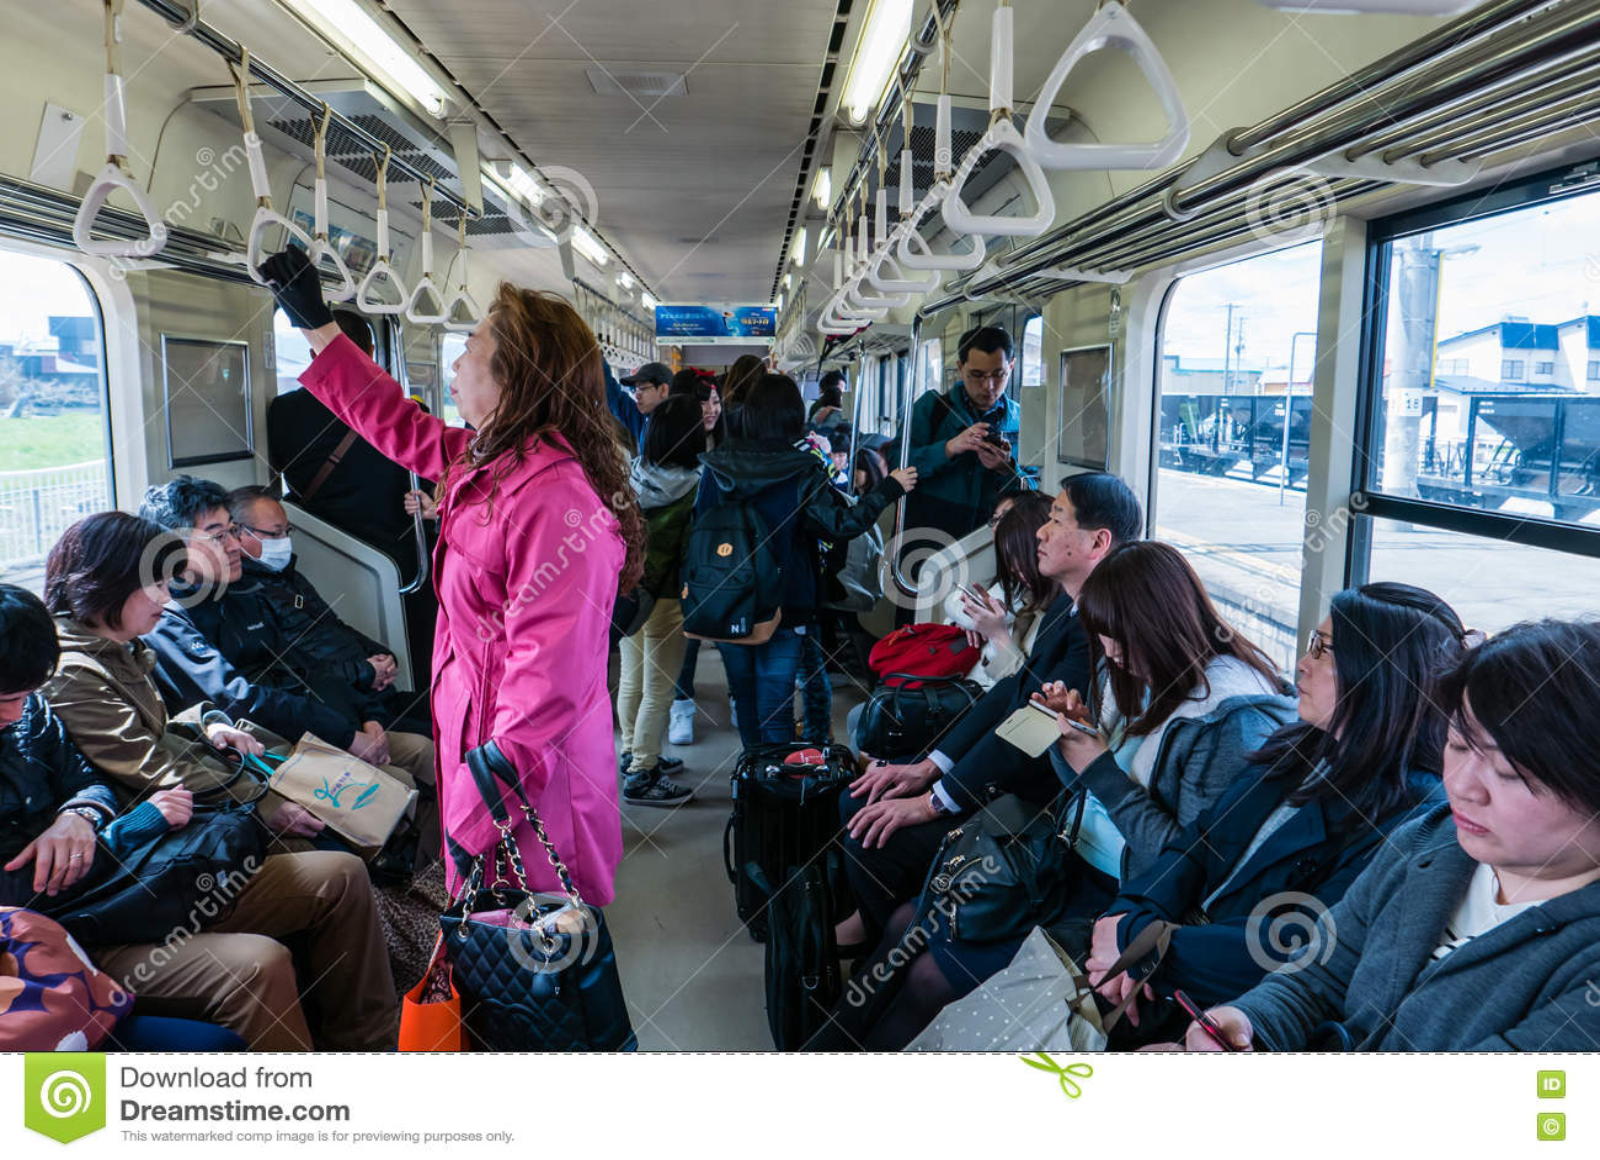 L intérieur d un chariot de train dans Aomori